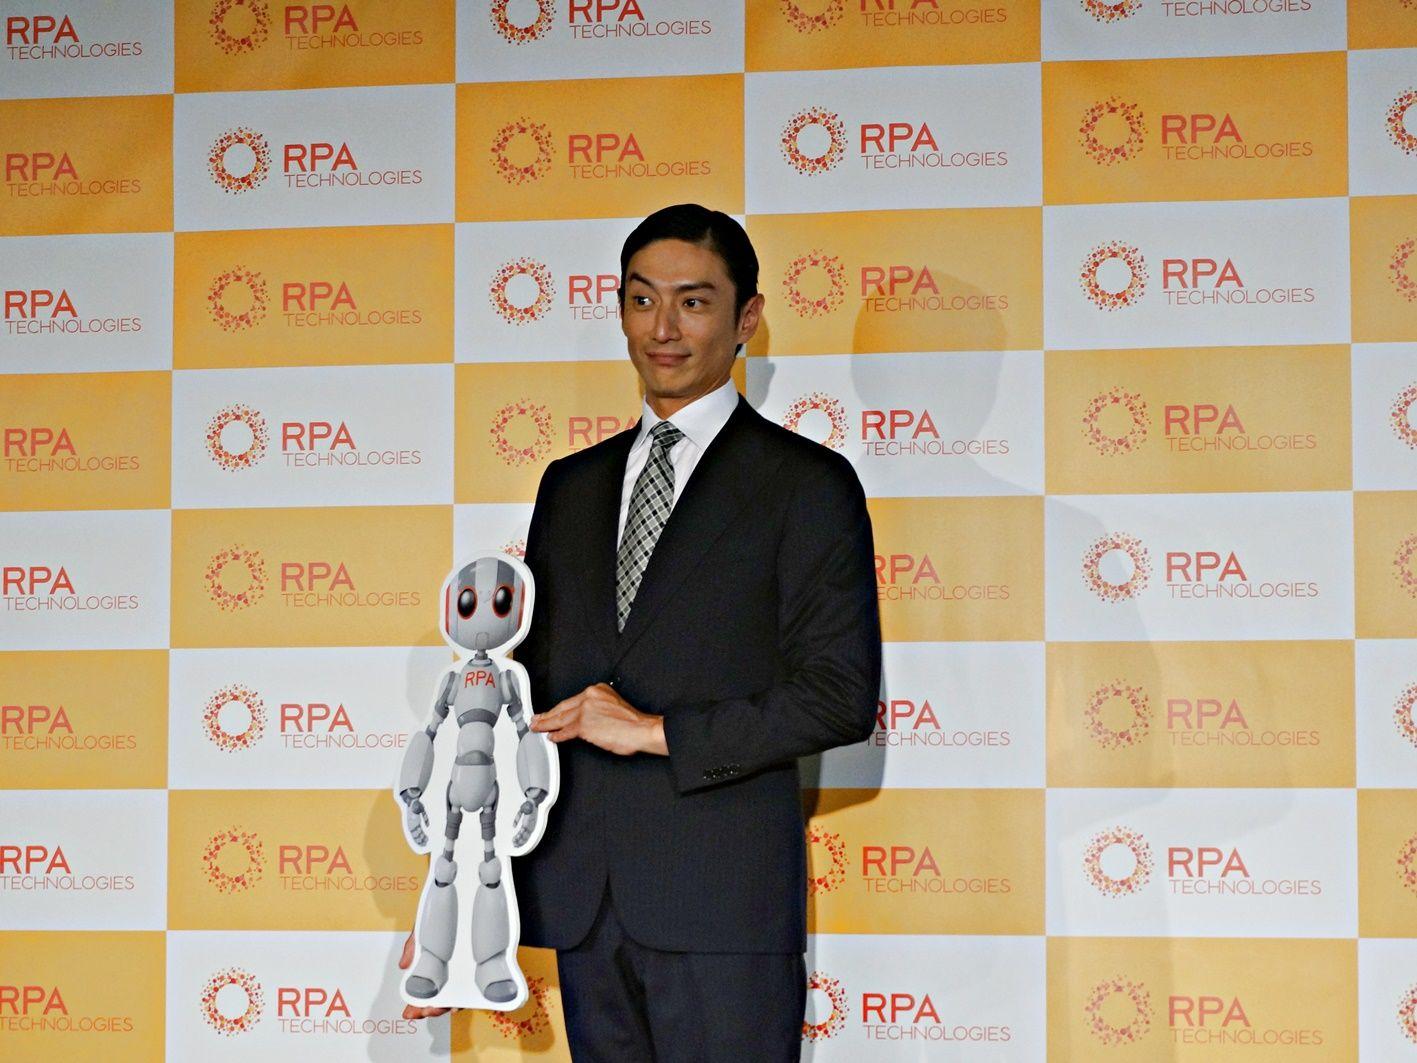 会社経営者・伊勢谷友介が自社スタッフへの「不安」をポロリの画像002